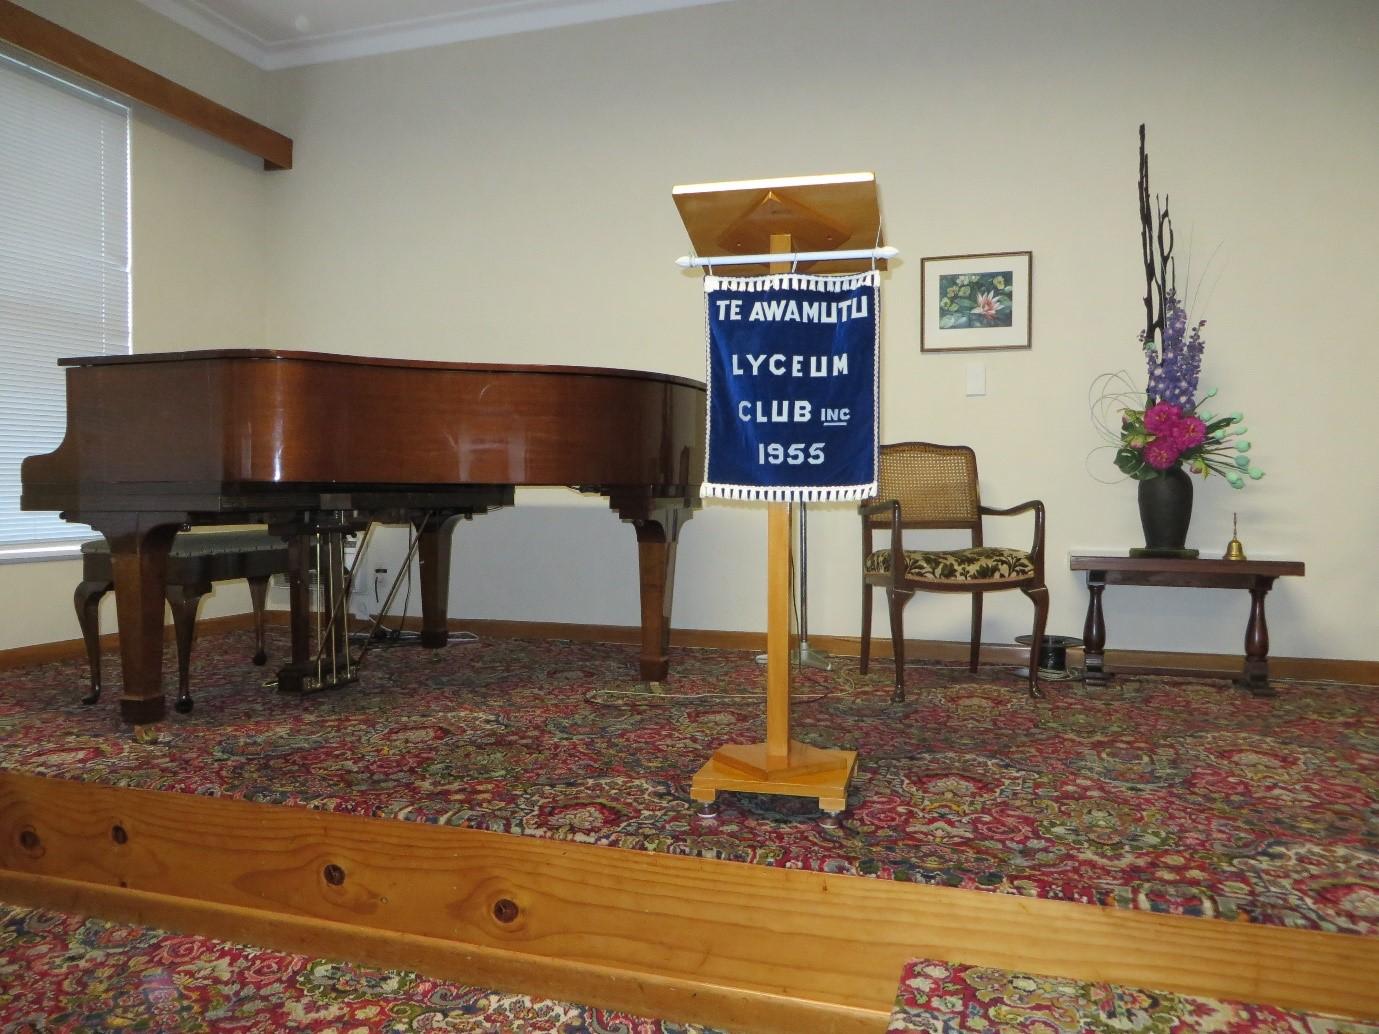 Te Awamutu Lyceum Club Int. Inc.